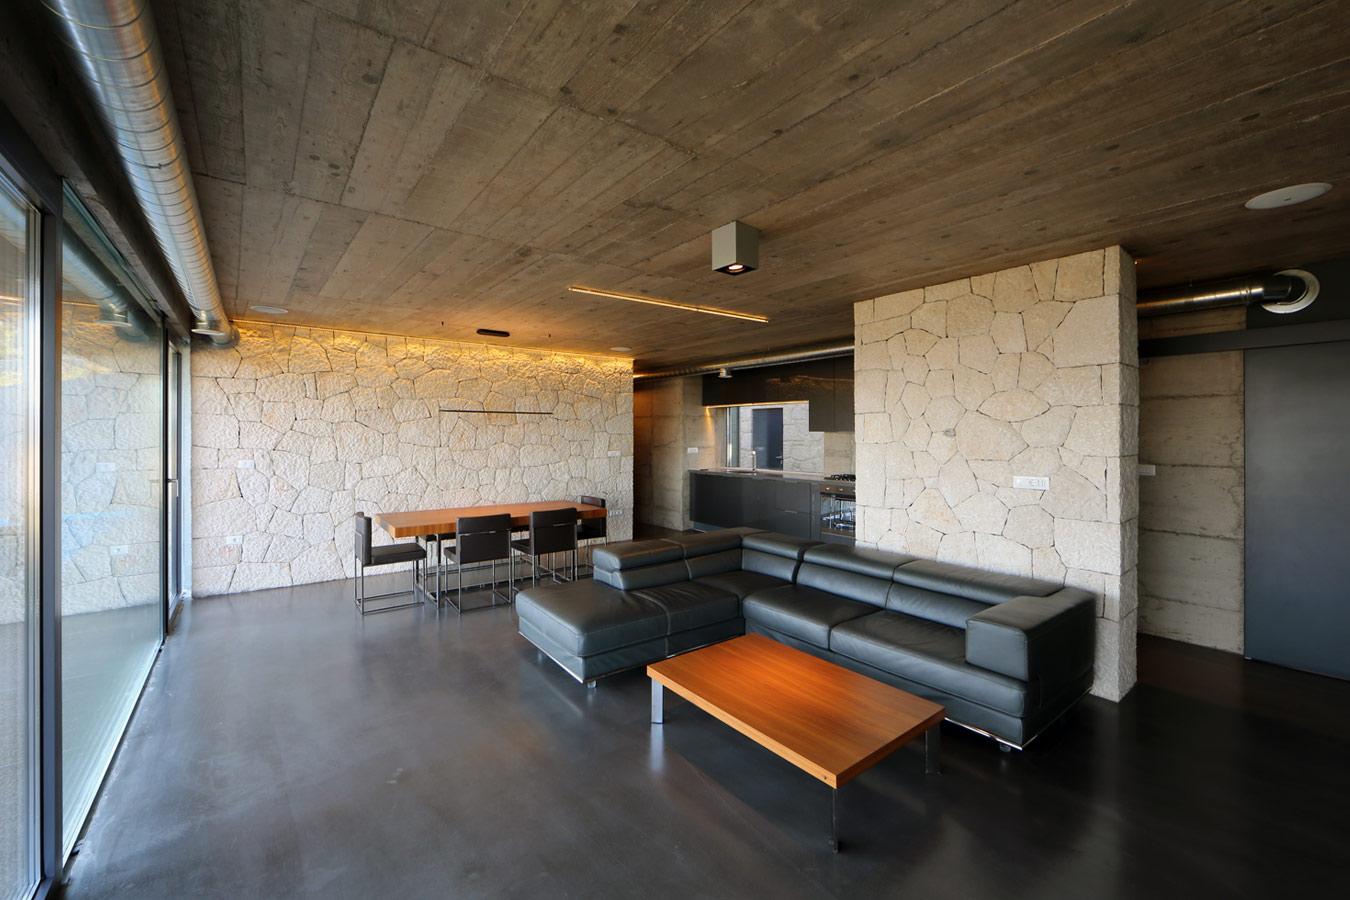 Woonkamer Muren Ideeen : Idee?n voor een moderne woonkamer inspiratie